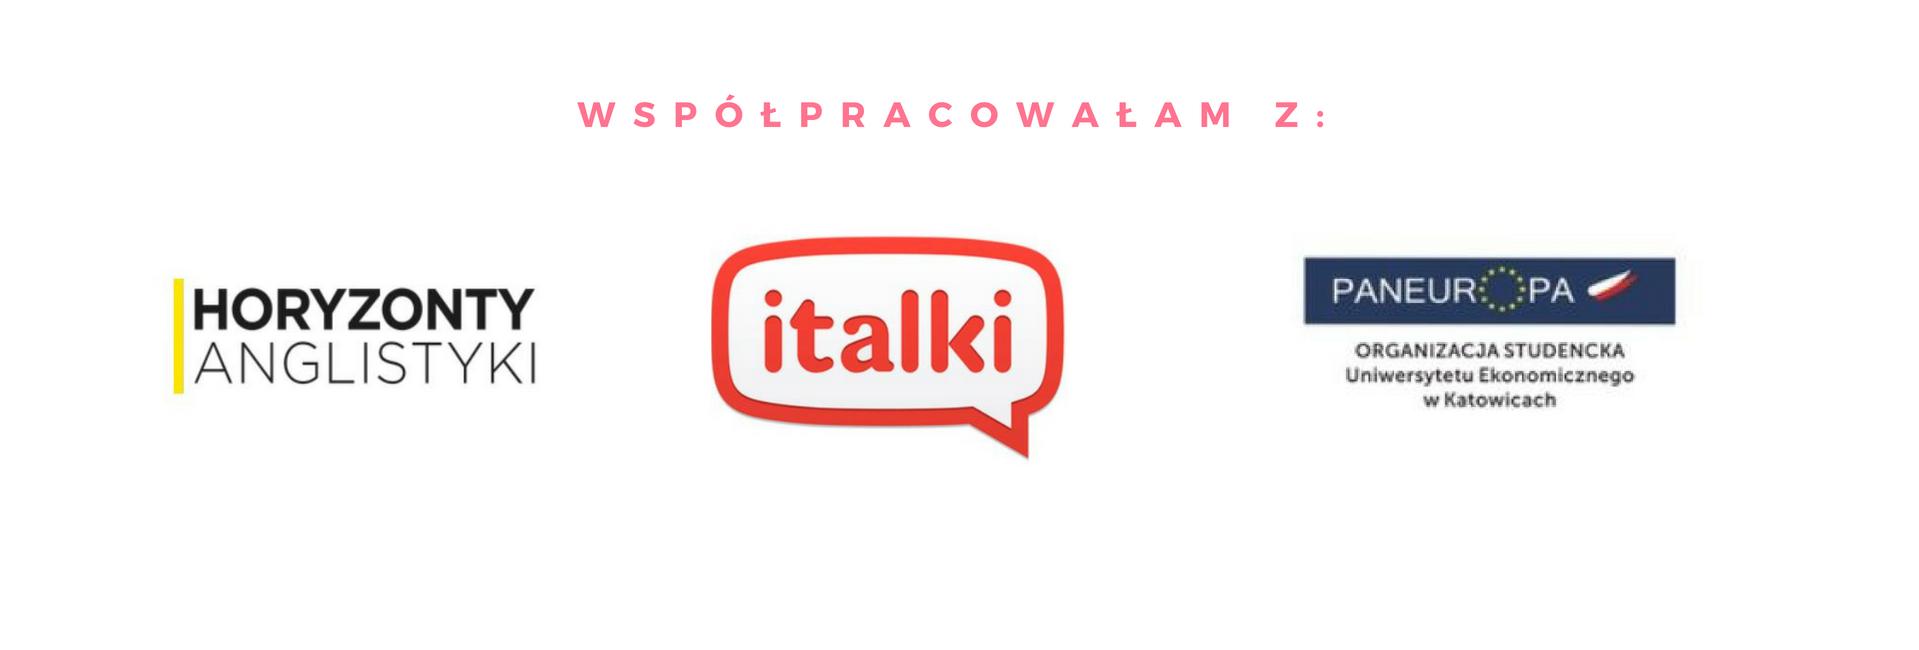 Blog jezykowy wspolpraca